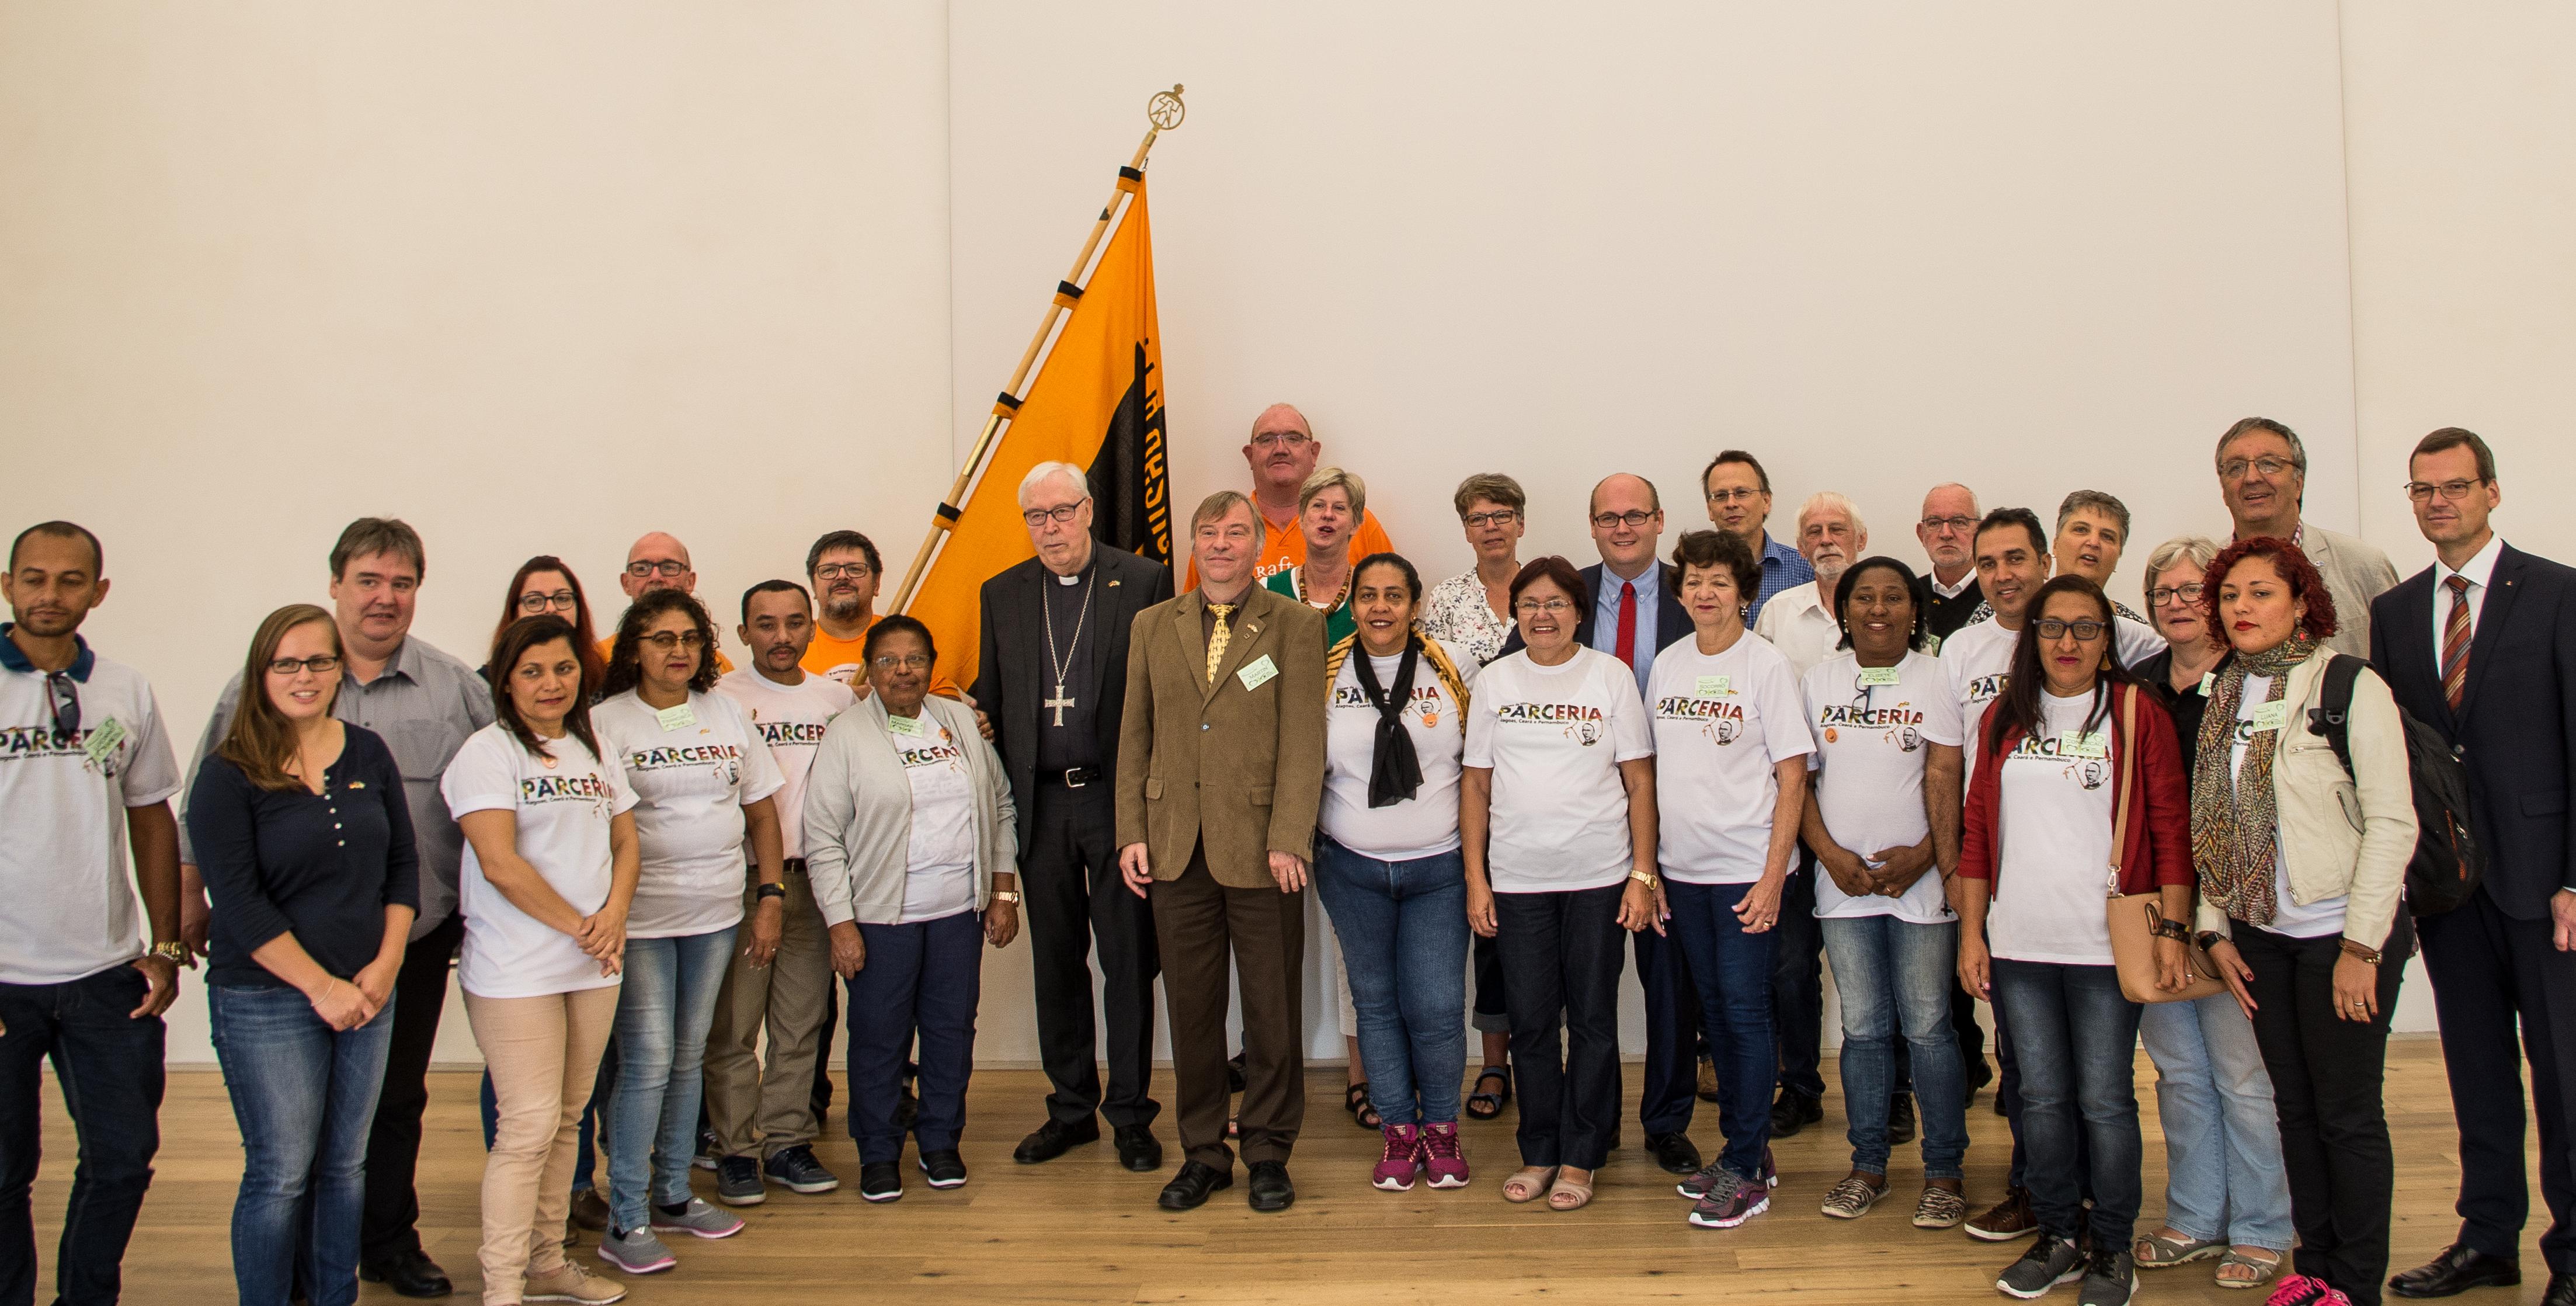 Kolping-Delegation aus Brasilien zu Gast in Deutschland